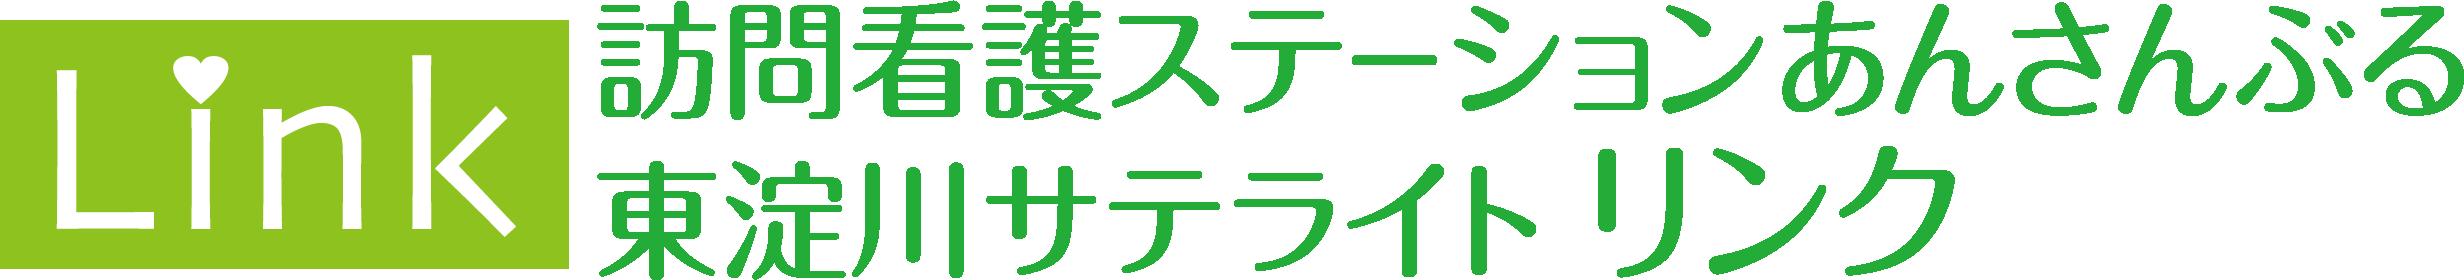 大阪市東淀川区の訪問看護ステーション リンク